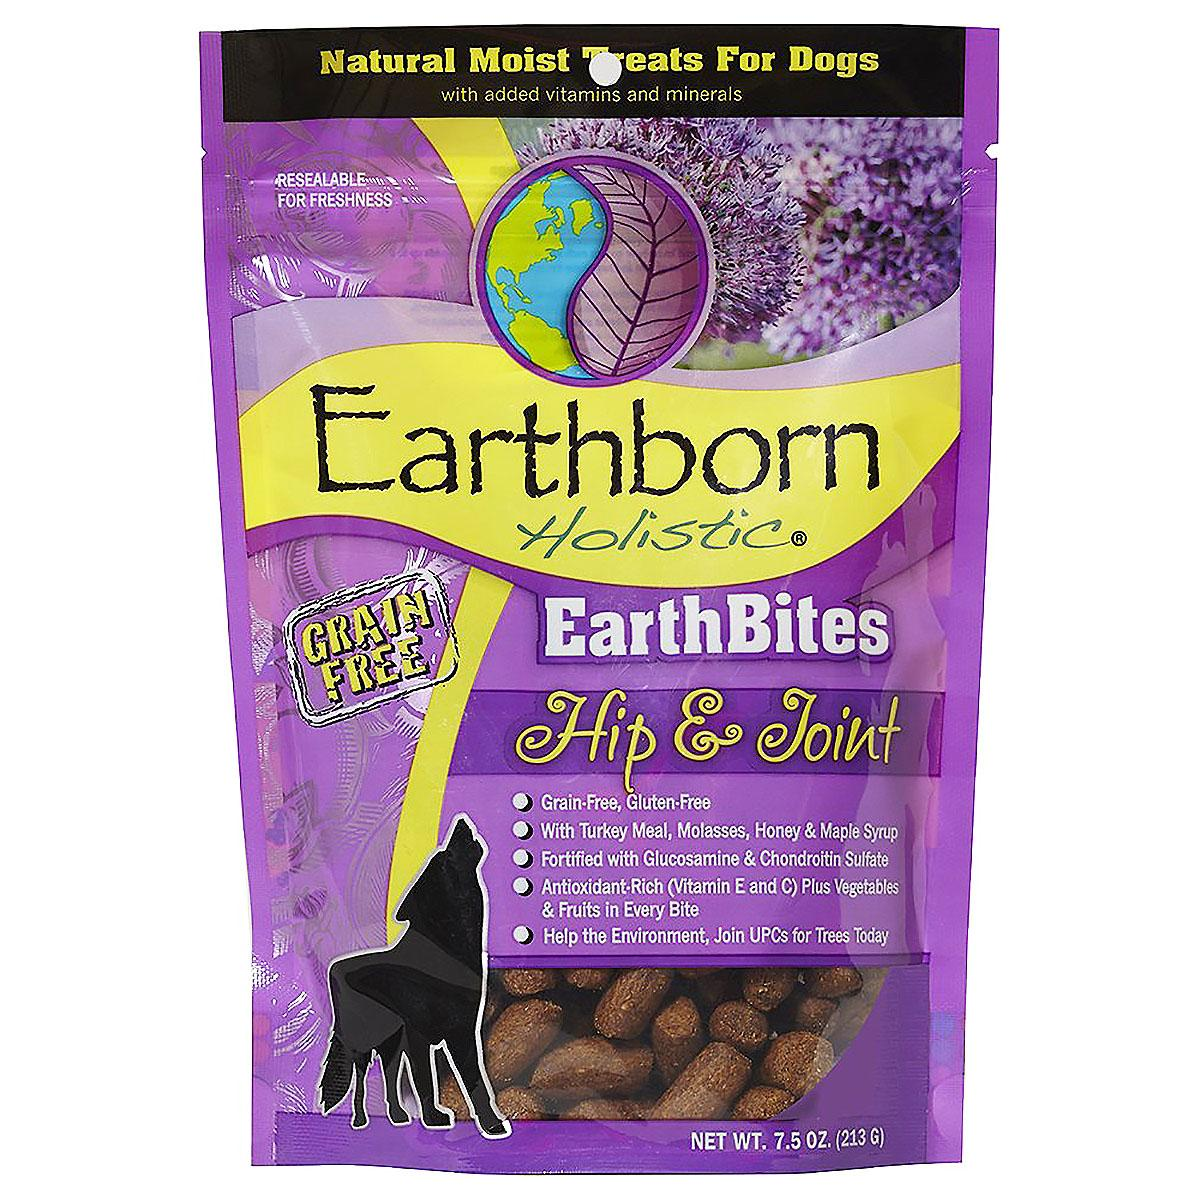 Earthborn Holistic Grain-Free EarthBites Moist Dog Treats - Hip & Joint Formula